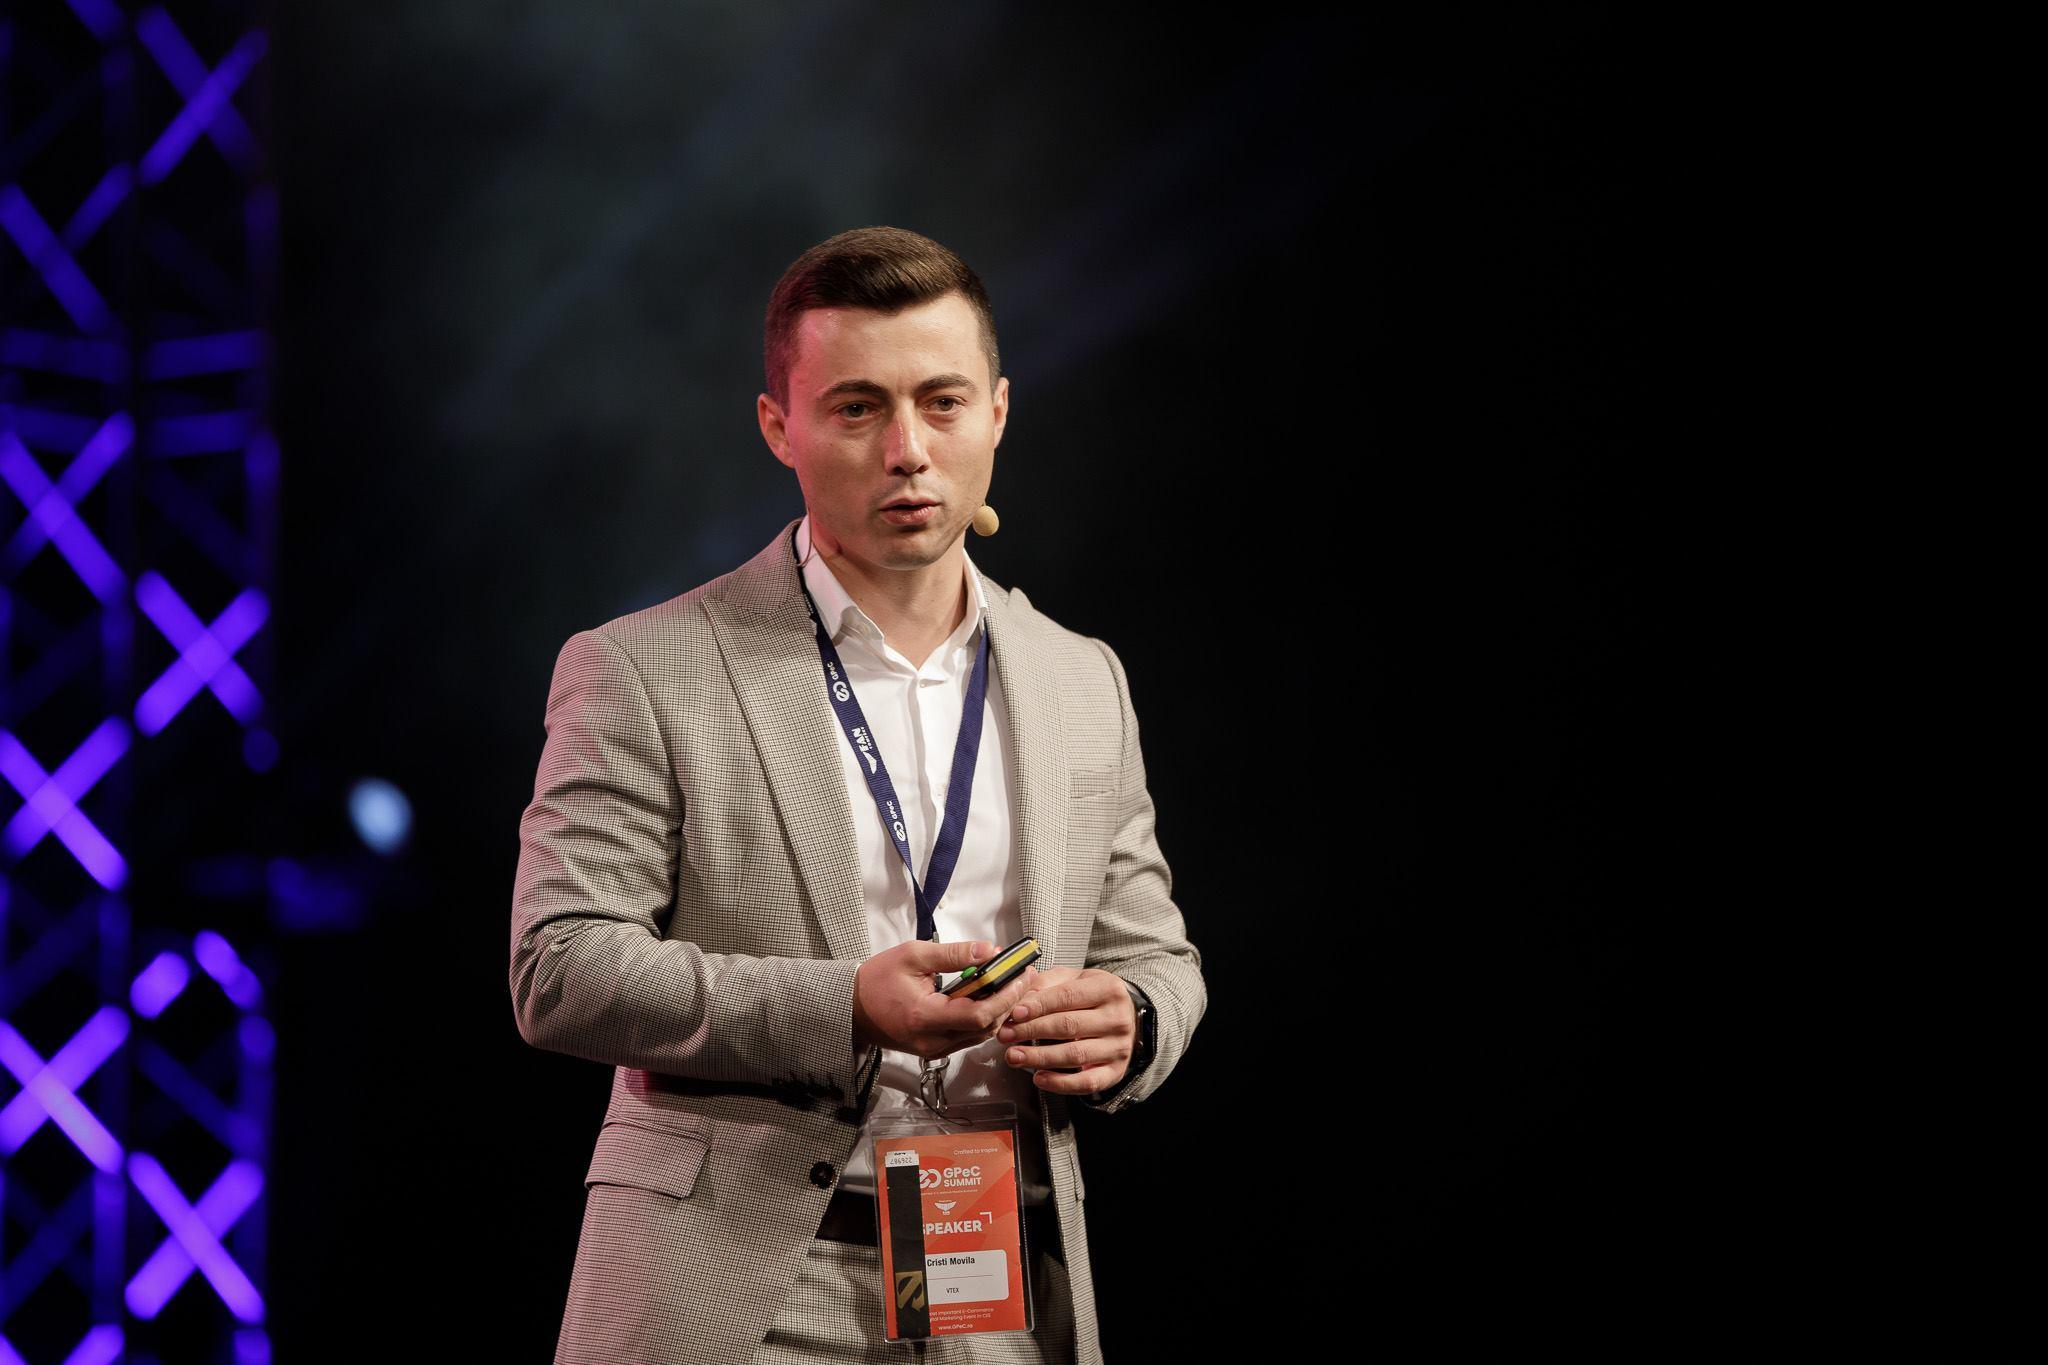 Analiză VTEX România: cum va evolua comerțul online românesc în 2021